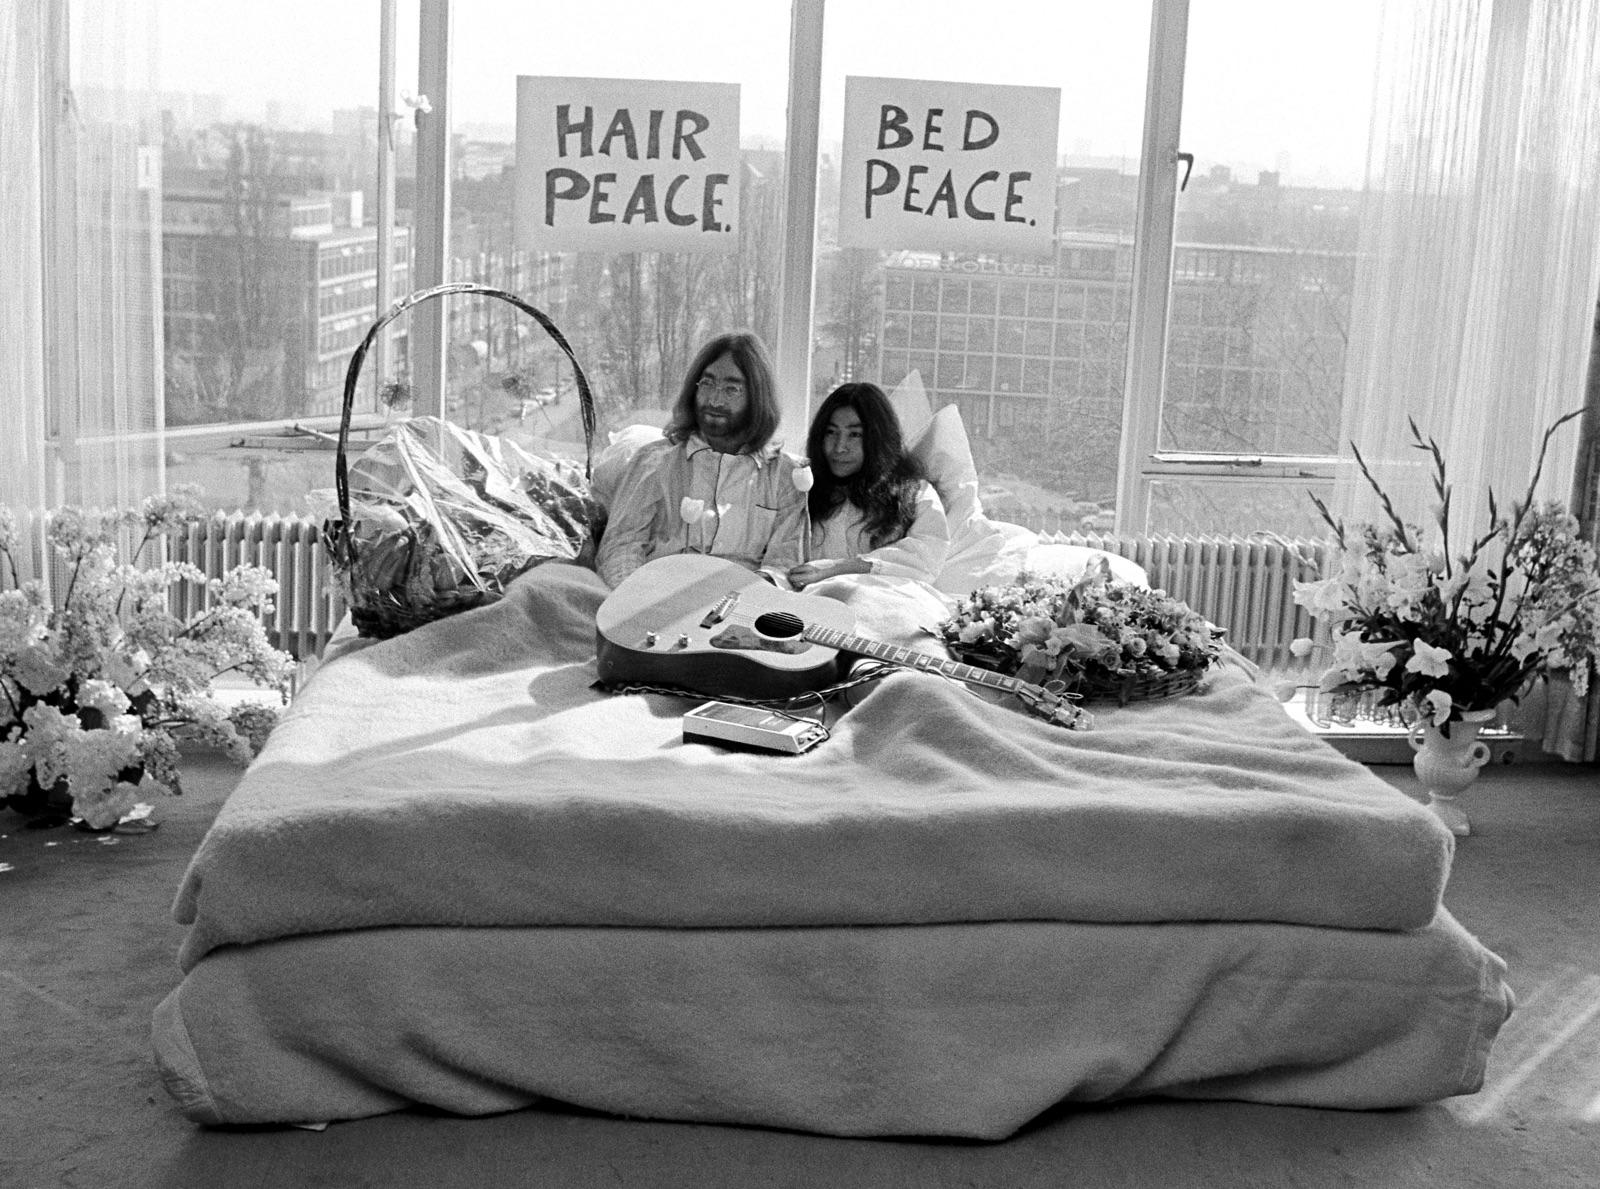 foto van John Lennon en zijn bruid Yoko Ono in bed in room 902 van het Hilton Hotel in Amsterdam